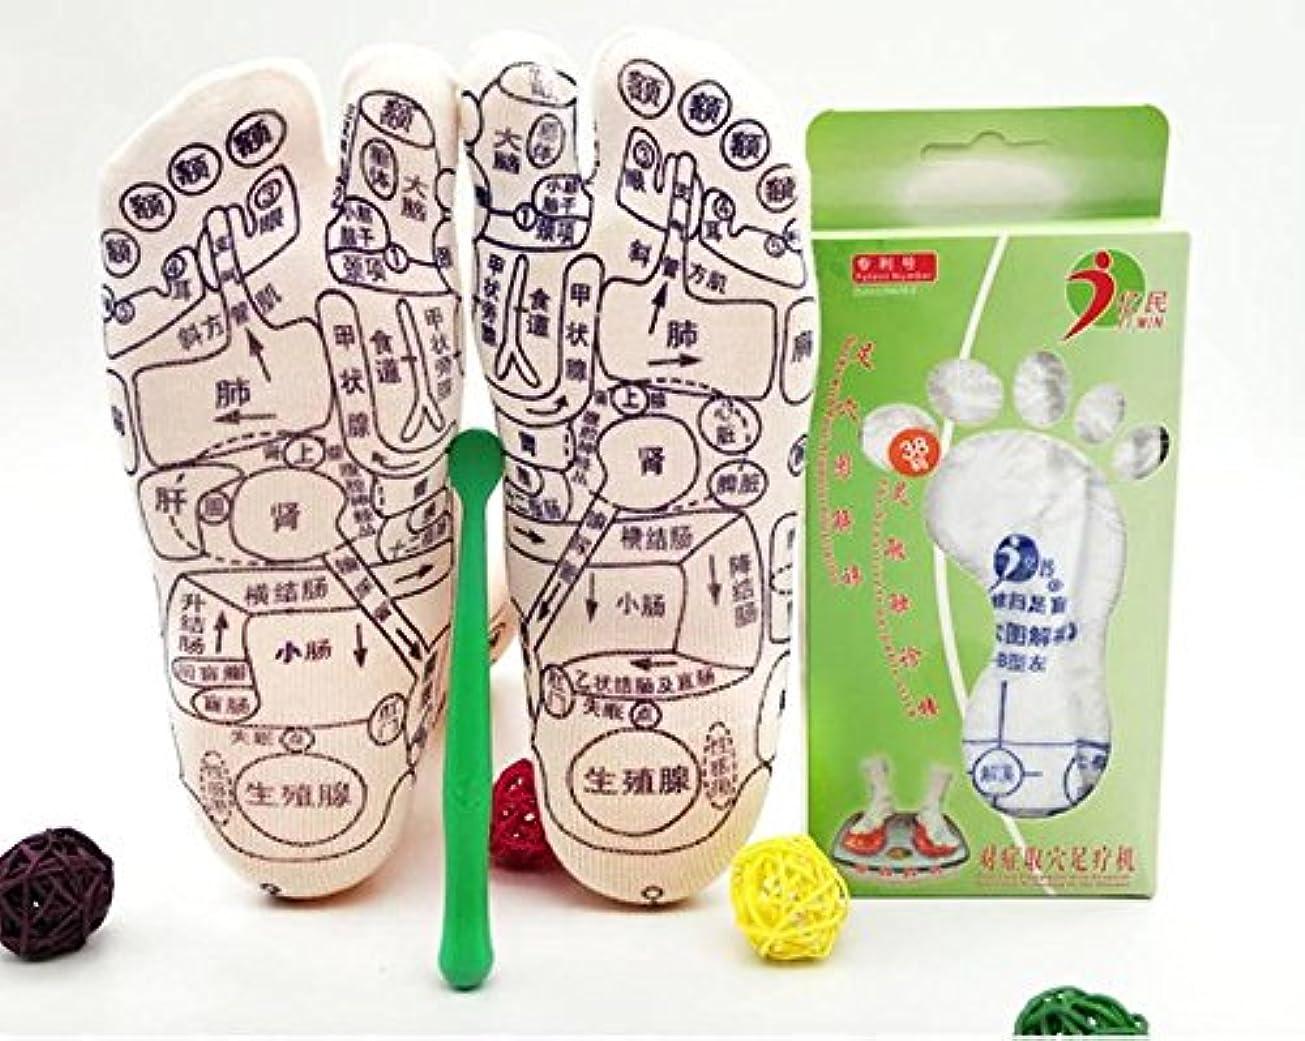 研究保険をかけるのヒープMNoel 健康 足裏 足ツボ プリント ソックス ツボ押し スティック付き 足つぼ くつした 靴下 反射区 サイズ23~26センチ 中国語簡易説明書付き